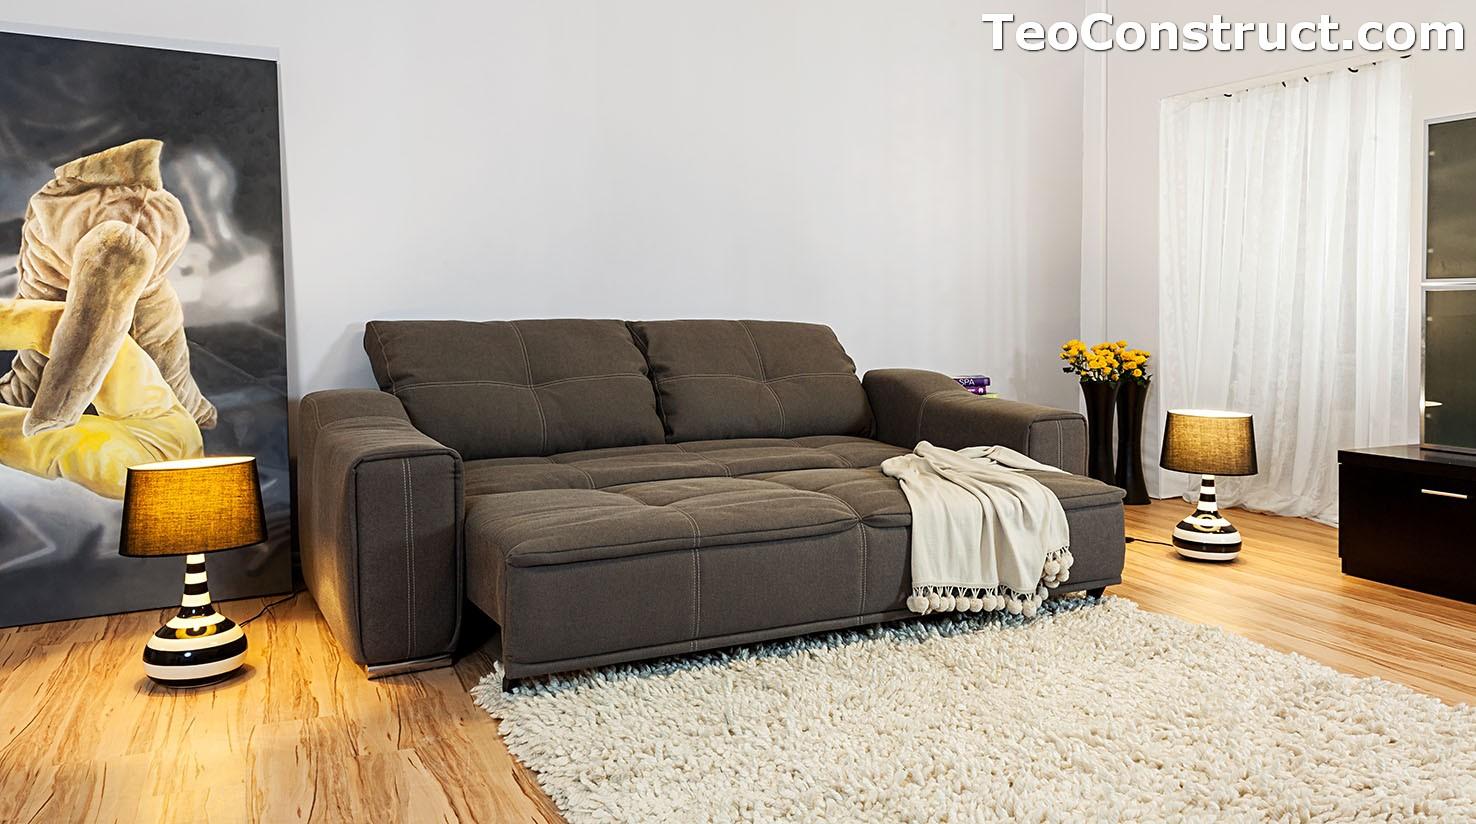 Canapea Isabela extensibila pentru living 4